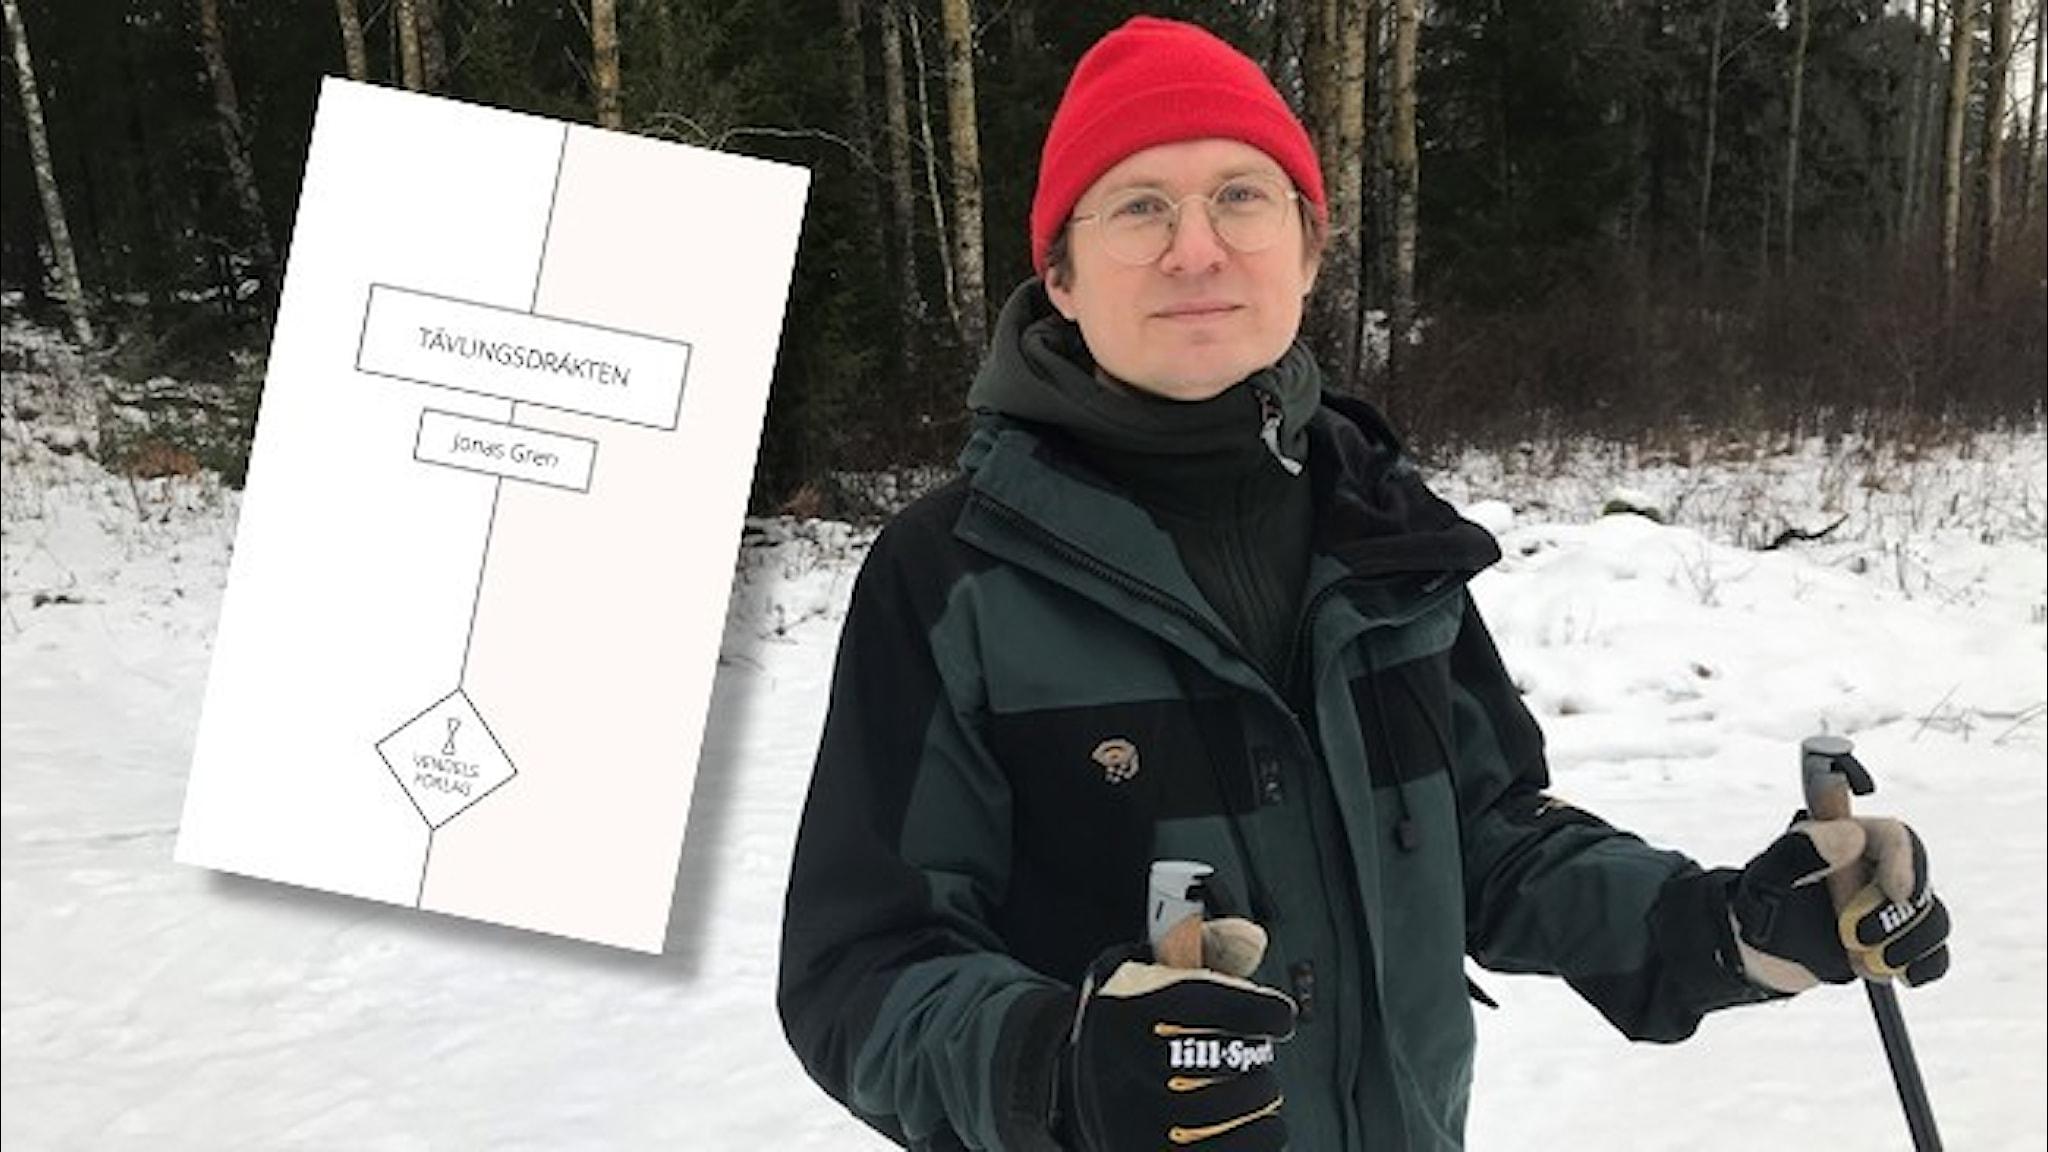 Poeten Jonas Gren åker längdskidor i röd toppluva.